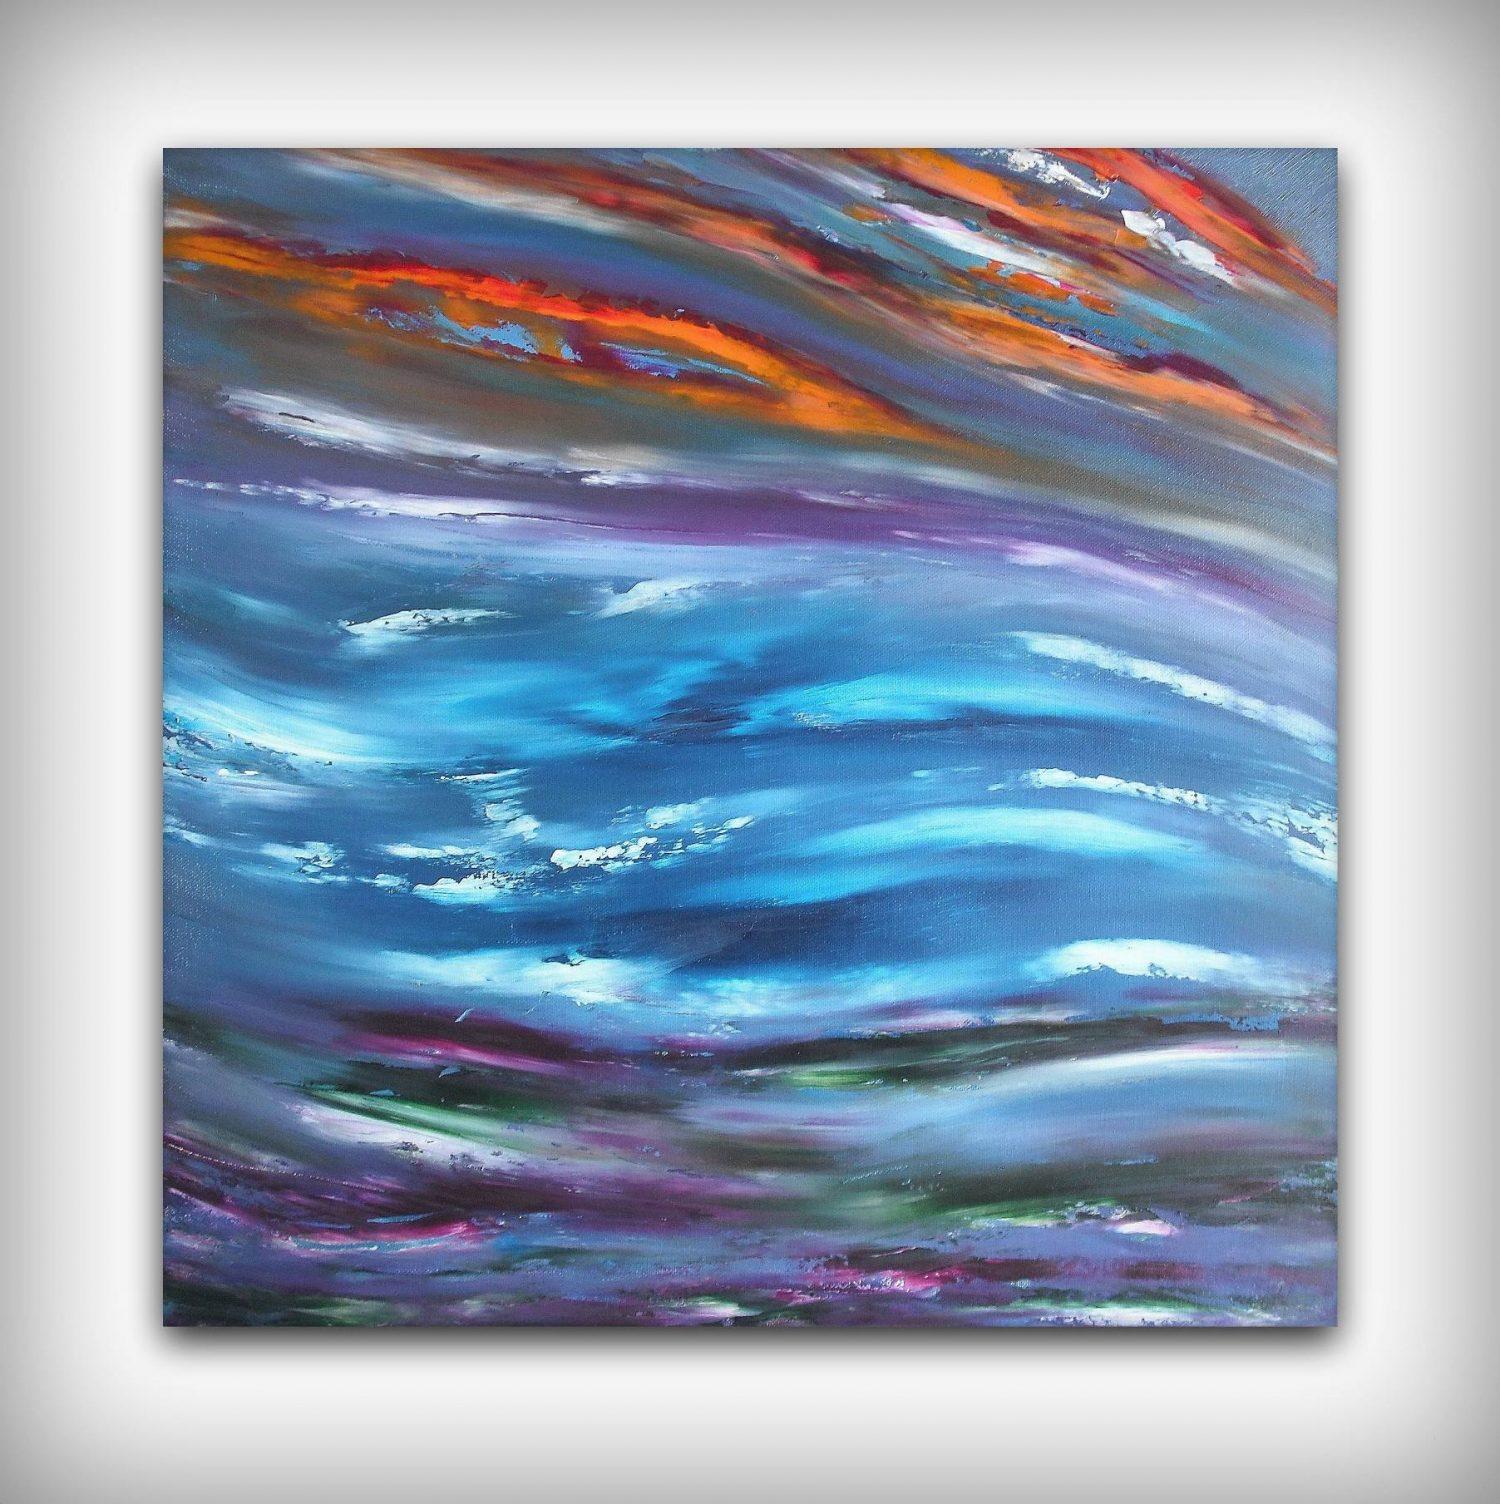 Dream 50x50 cm 06 quadro moderno-min